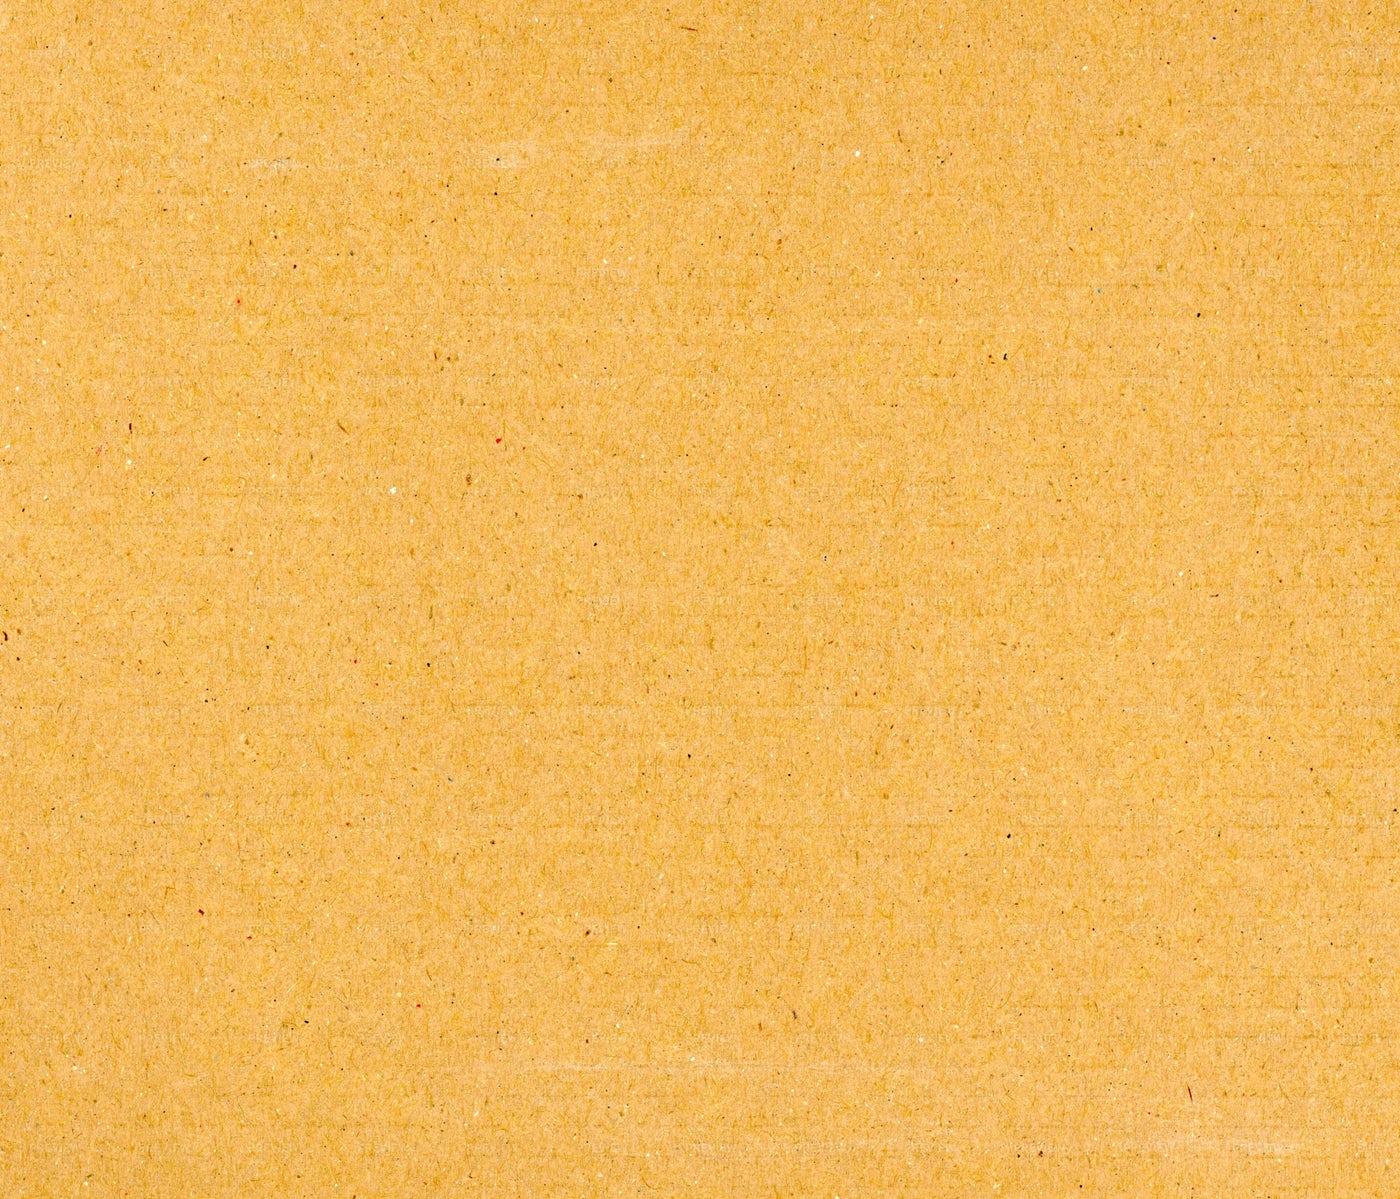 Orange Brown Cardboard: Stock Photos